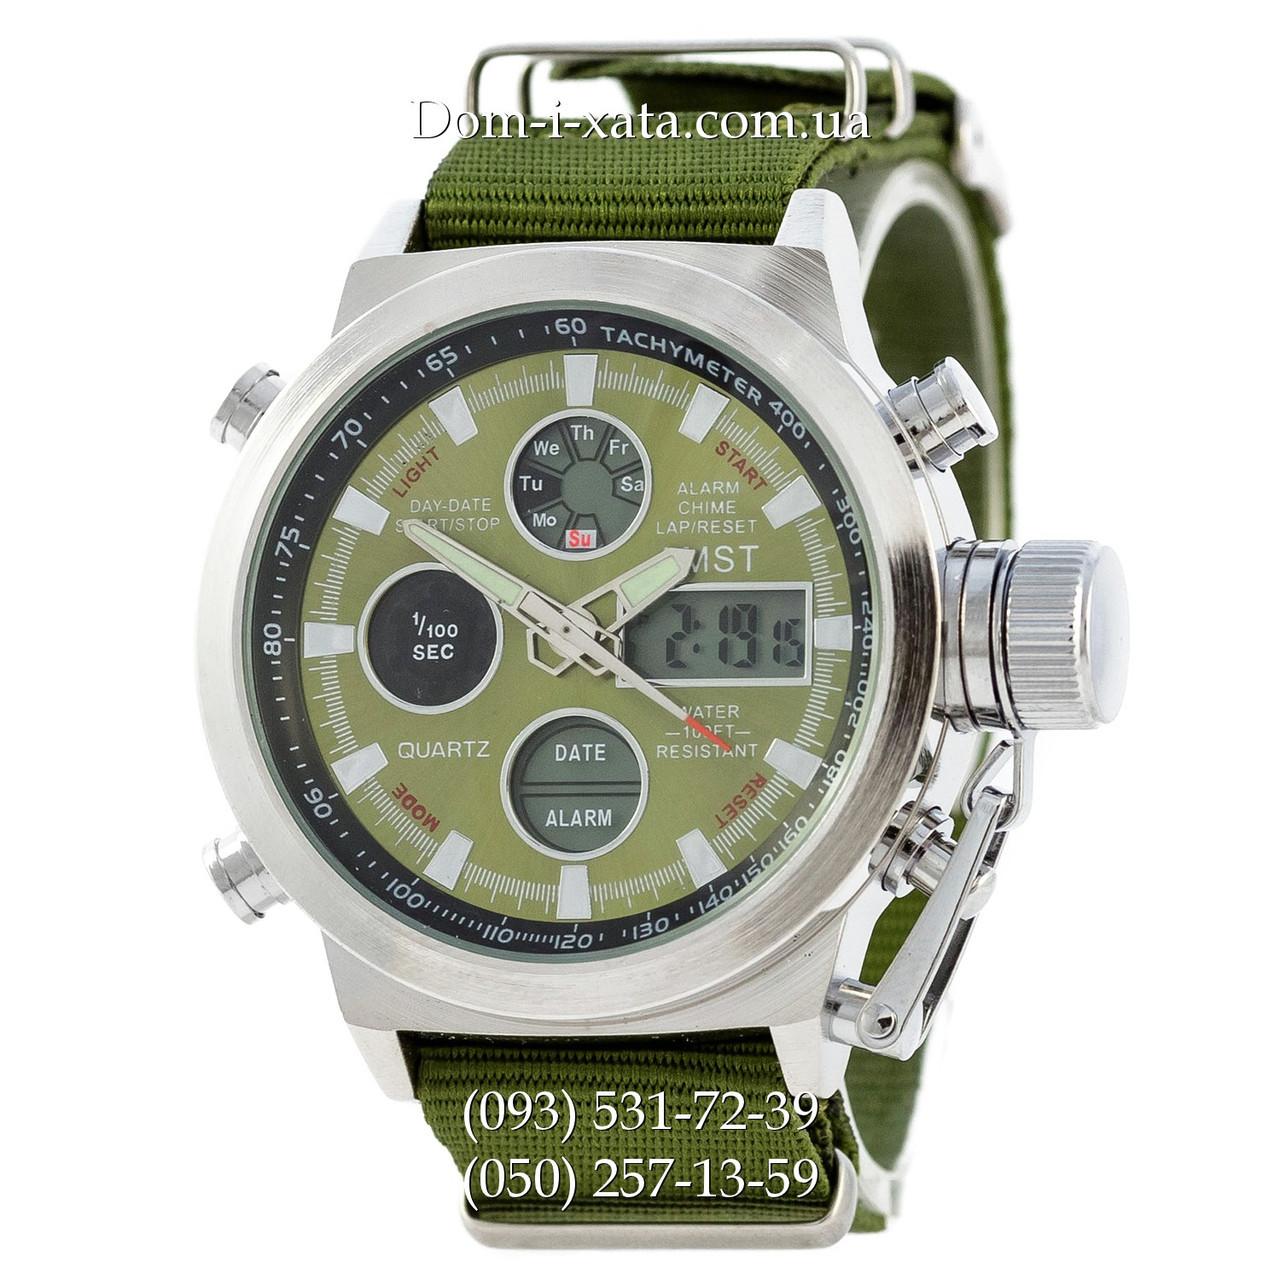 Армейские часы AMST 3003 Silver-Green, кварцевые, противоударные, армейские часы АМСТ серебристо-зеленые, реплика отличное качество!